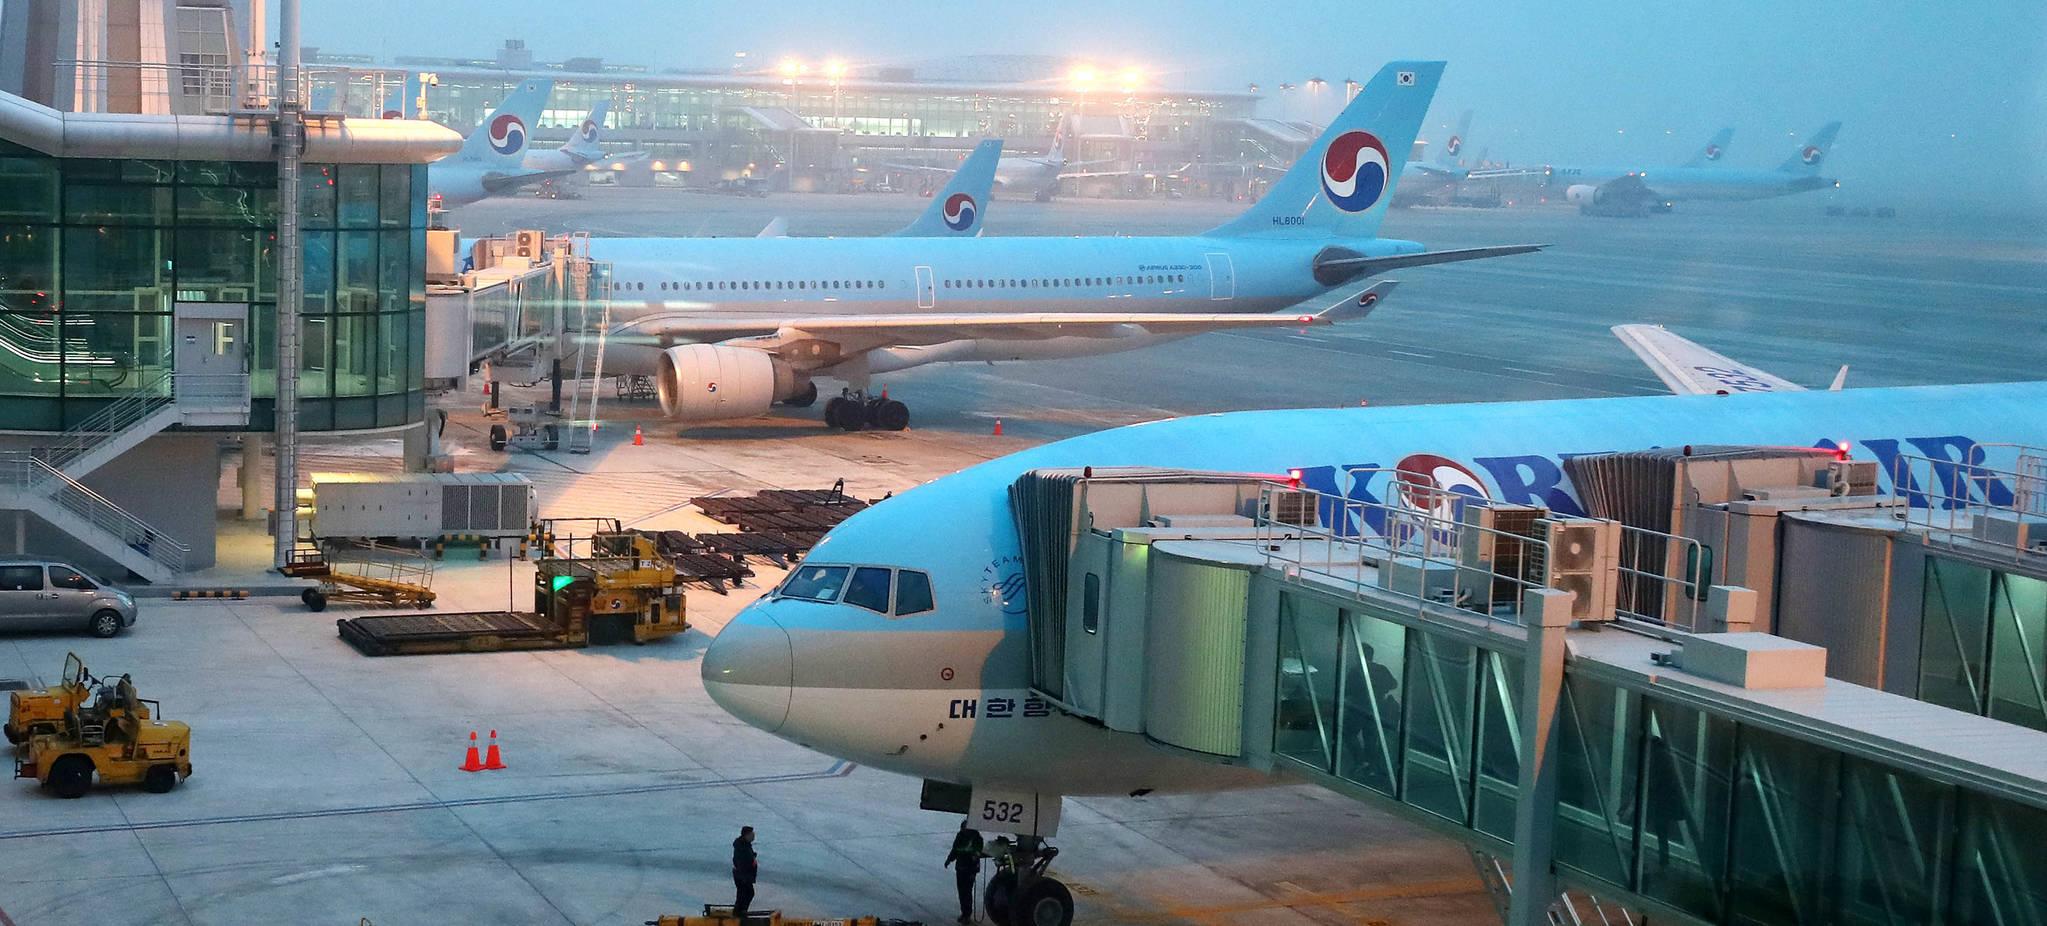 베이징항로의 병목현상 탓에 인천공항의 유럽행 항공기들이 상당수 지연 출발하고 있다. [중앙포토]